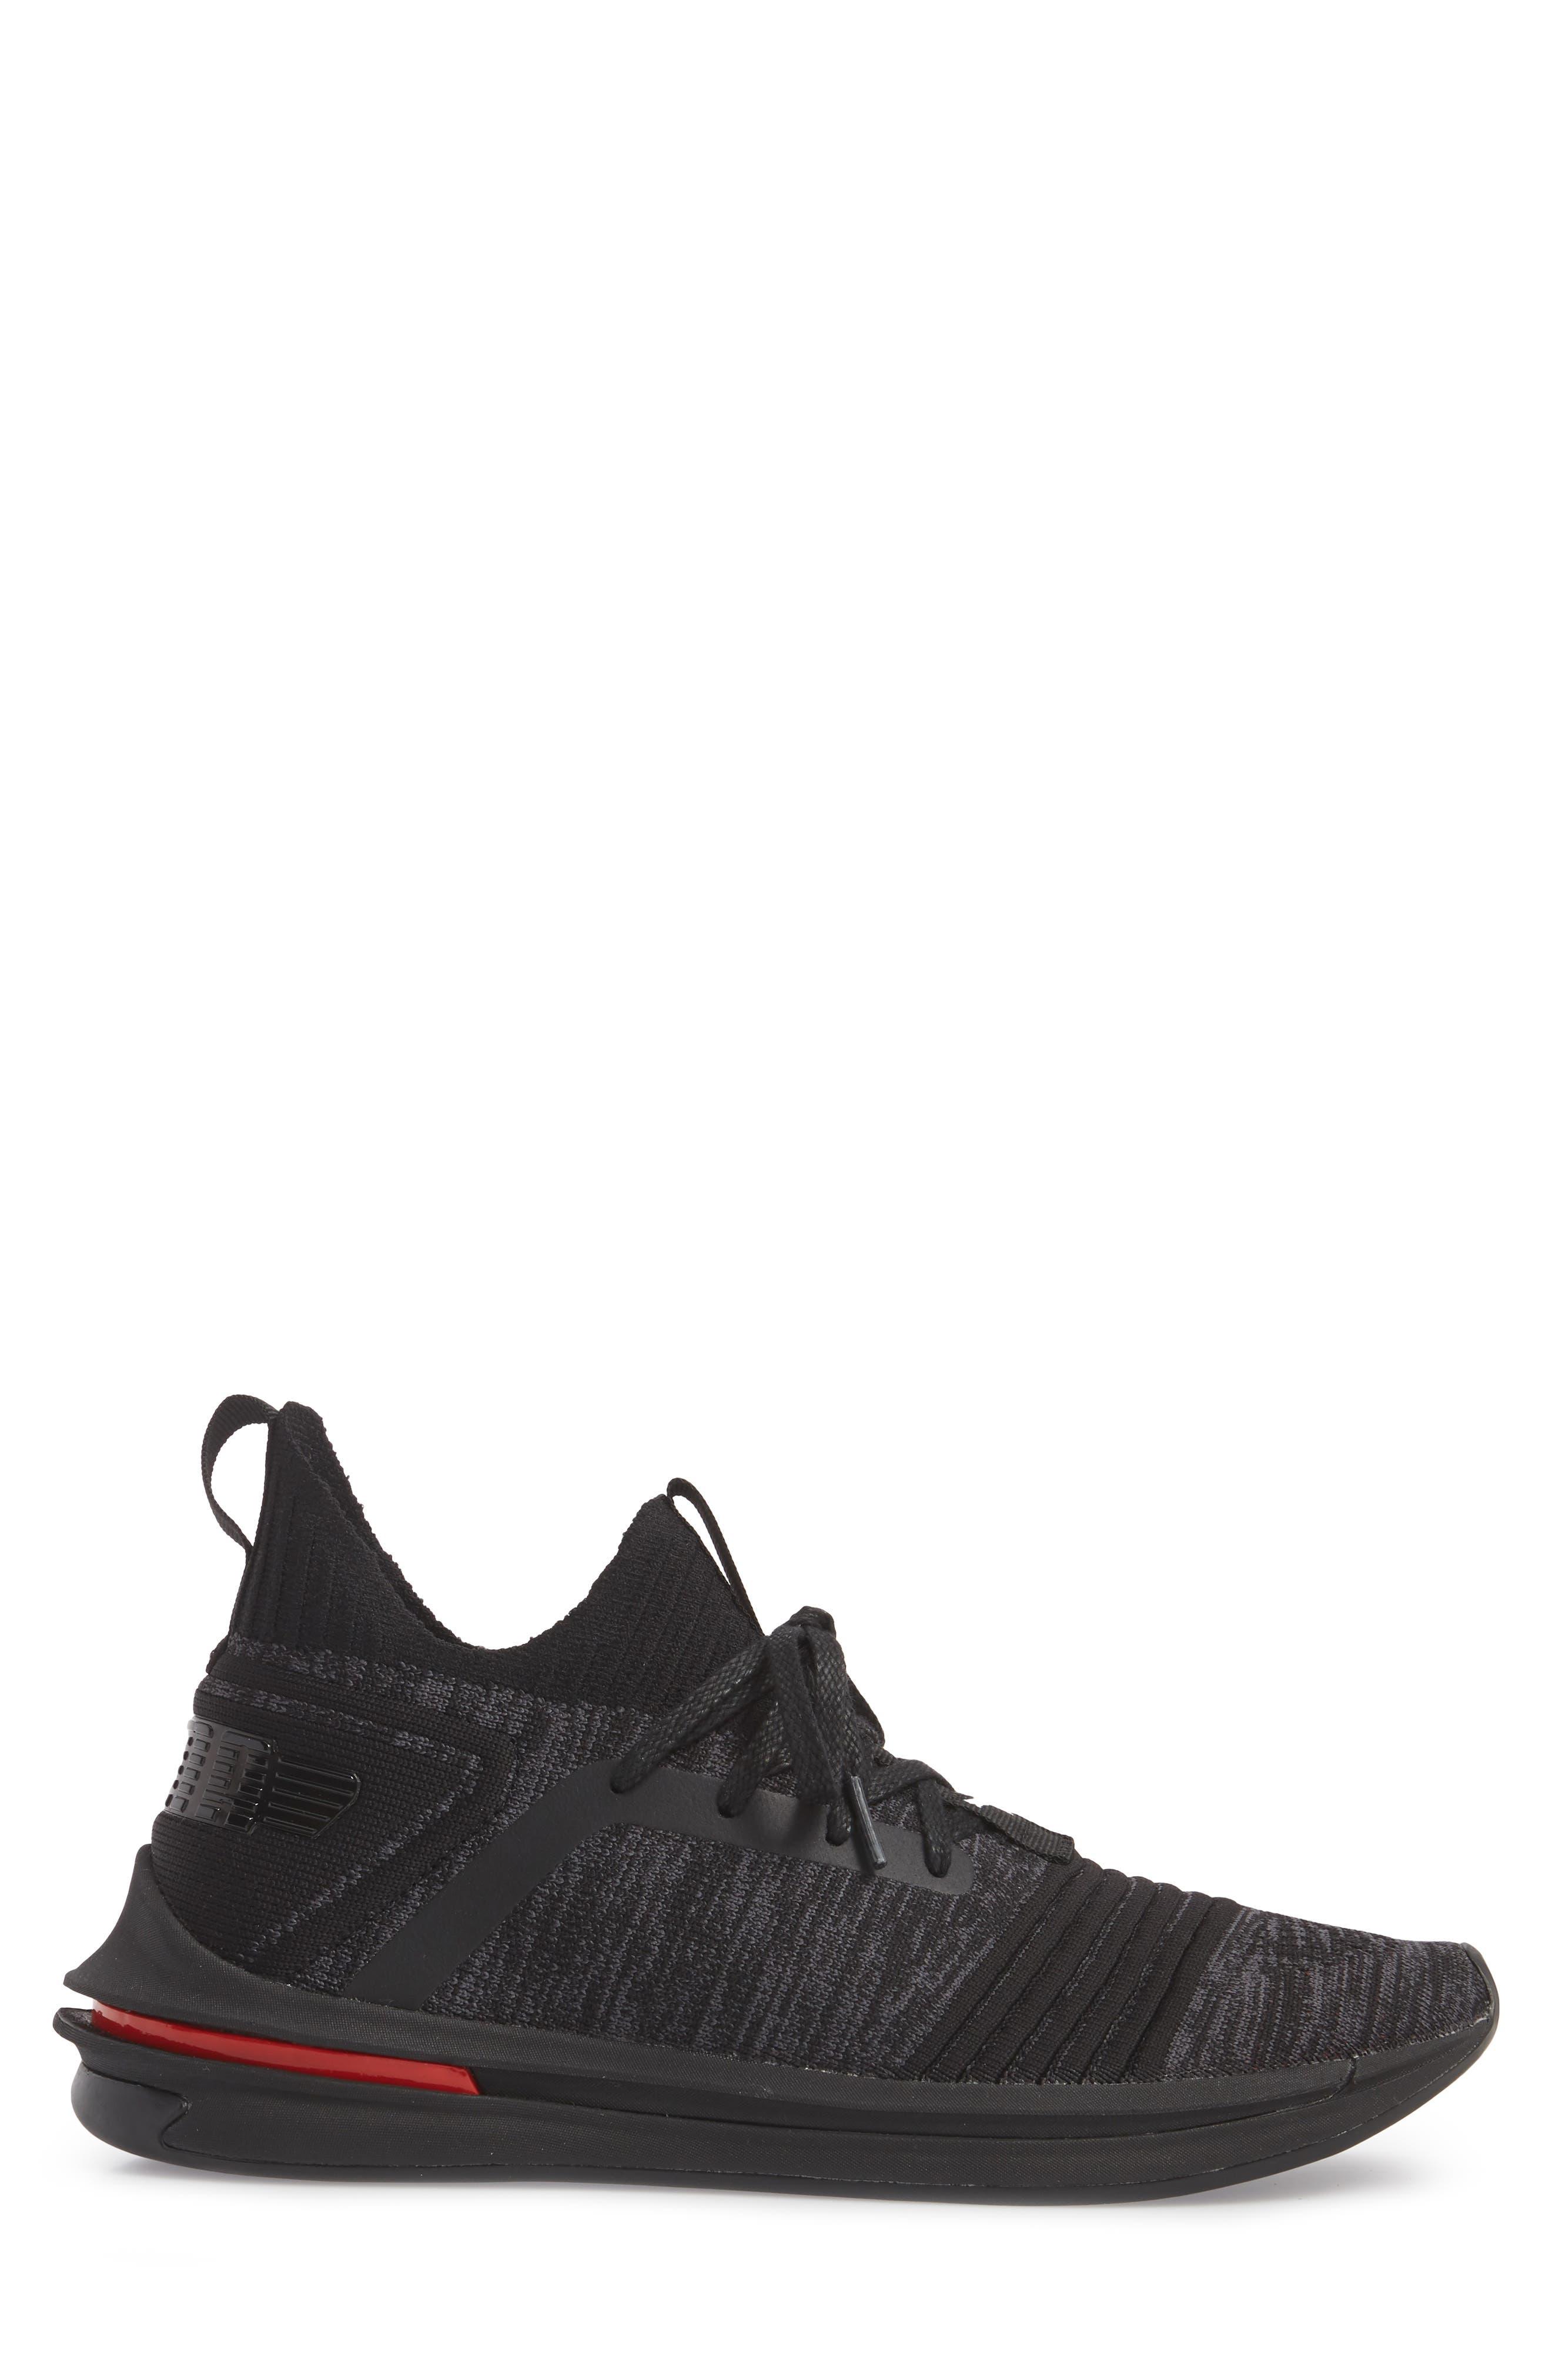 IGNITE Limitless SR evoKNIT Sneaker,                             Alternate thumbnail 3, color,                             001